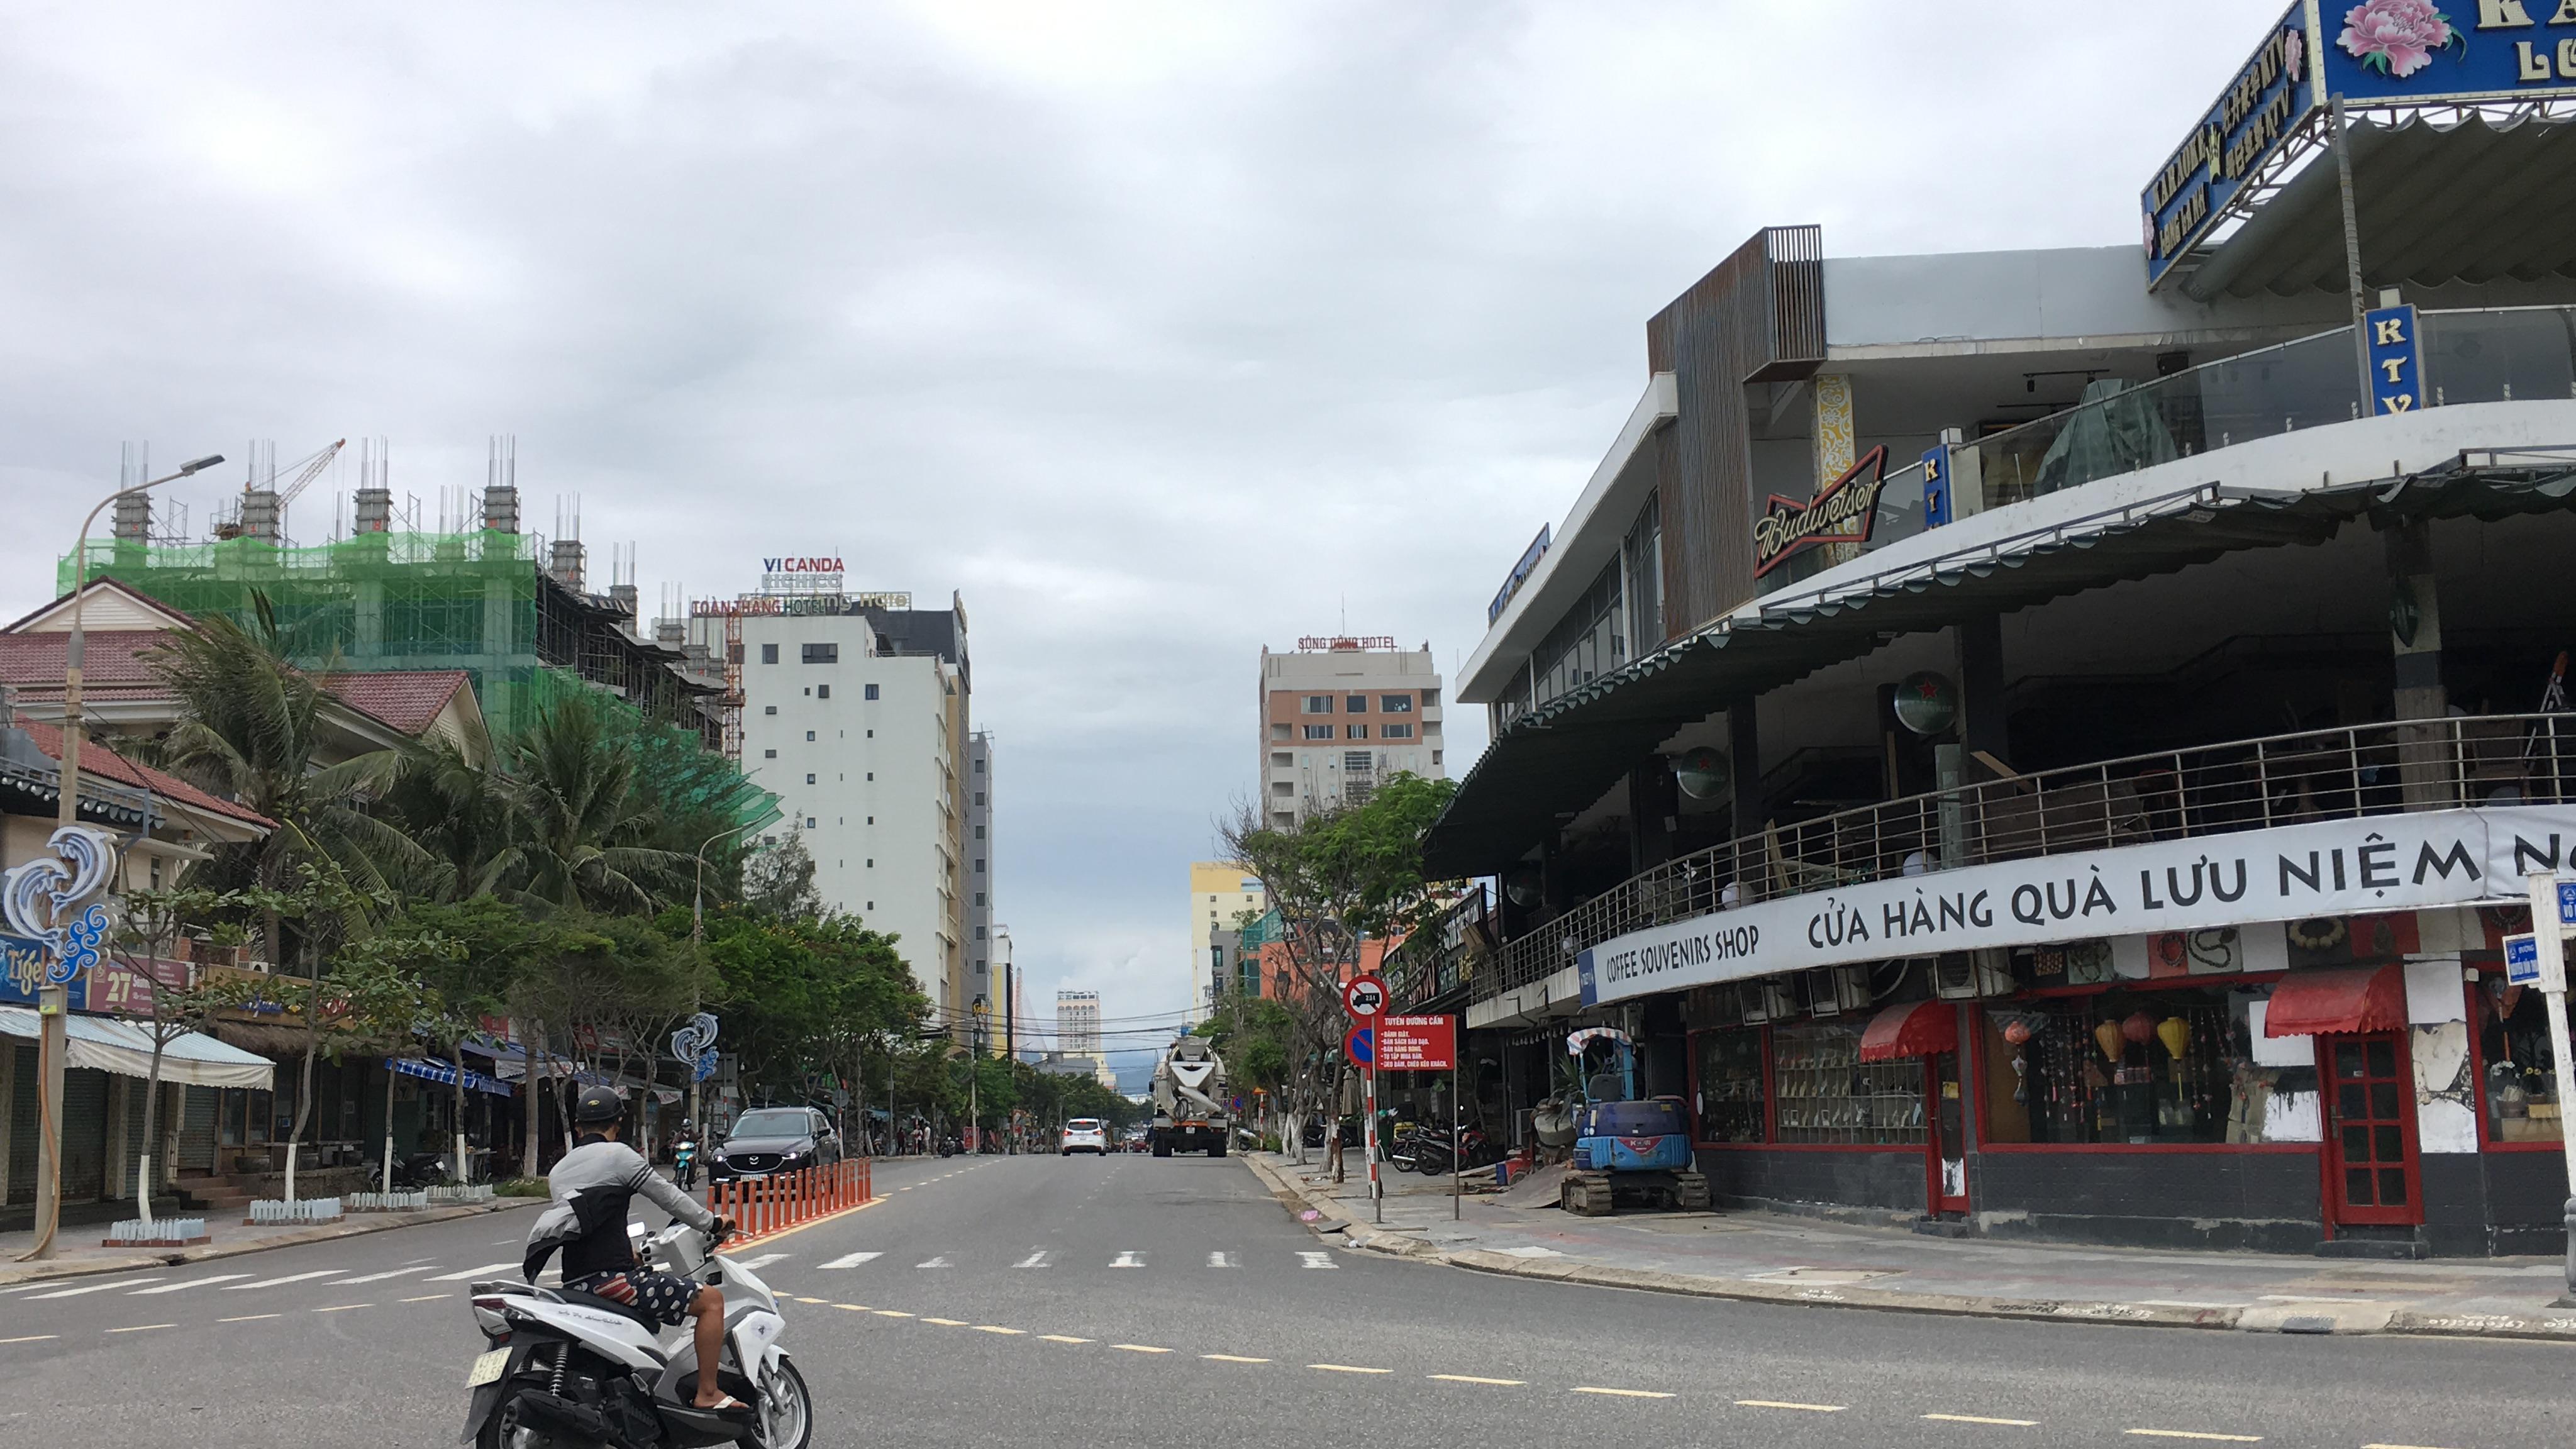 Ồ ạt bán khách sạn ở Đà Nẵng - Ảnh 2.